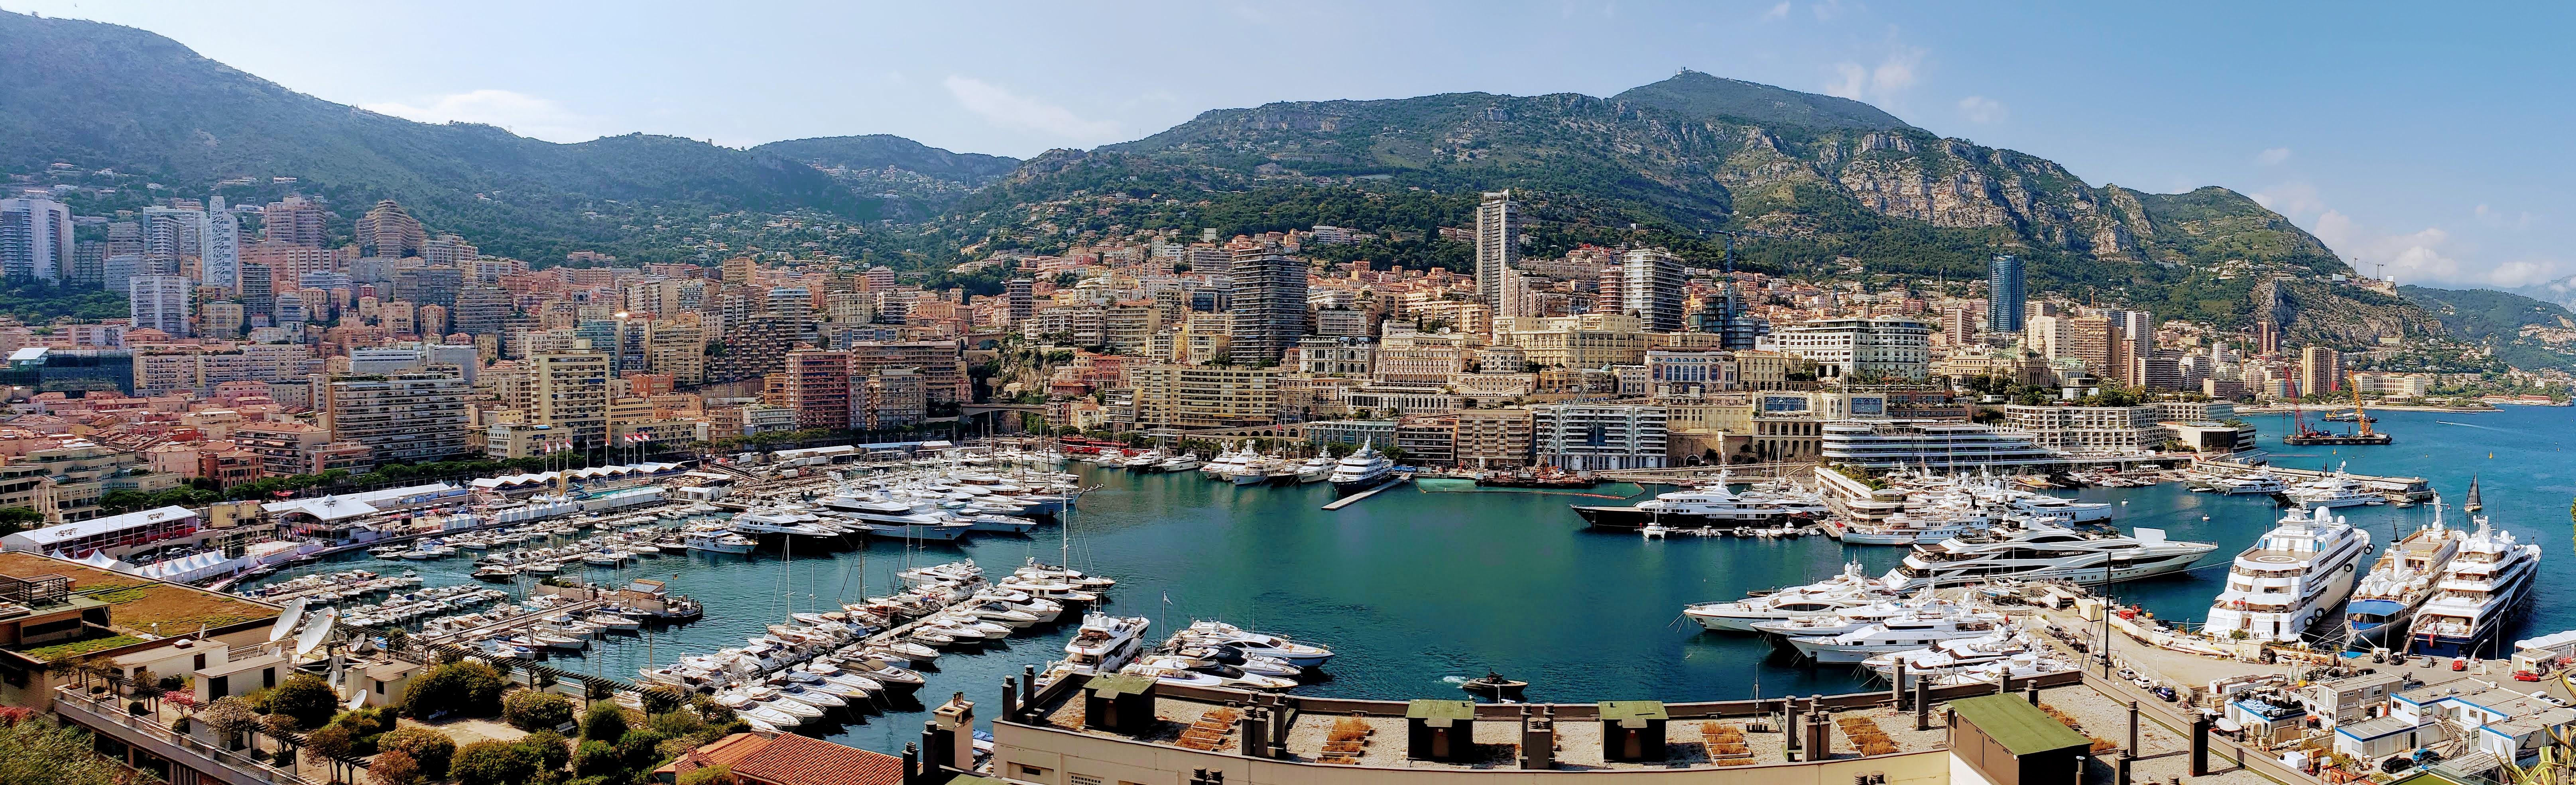 Monte Carlo & Monaco City, Monaco – 1 Day Trip